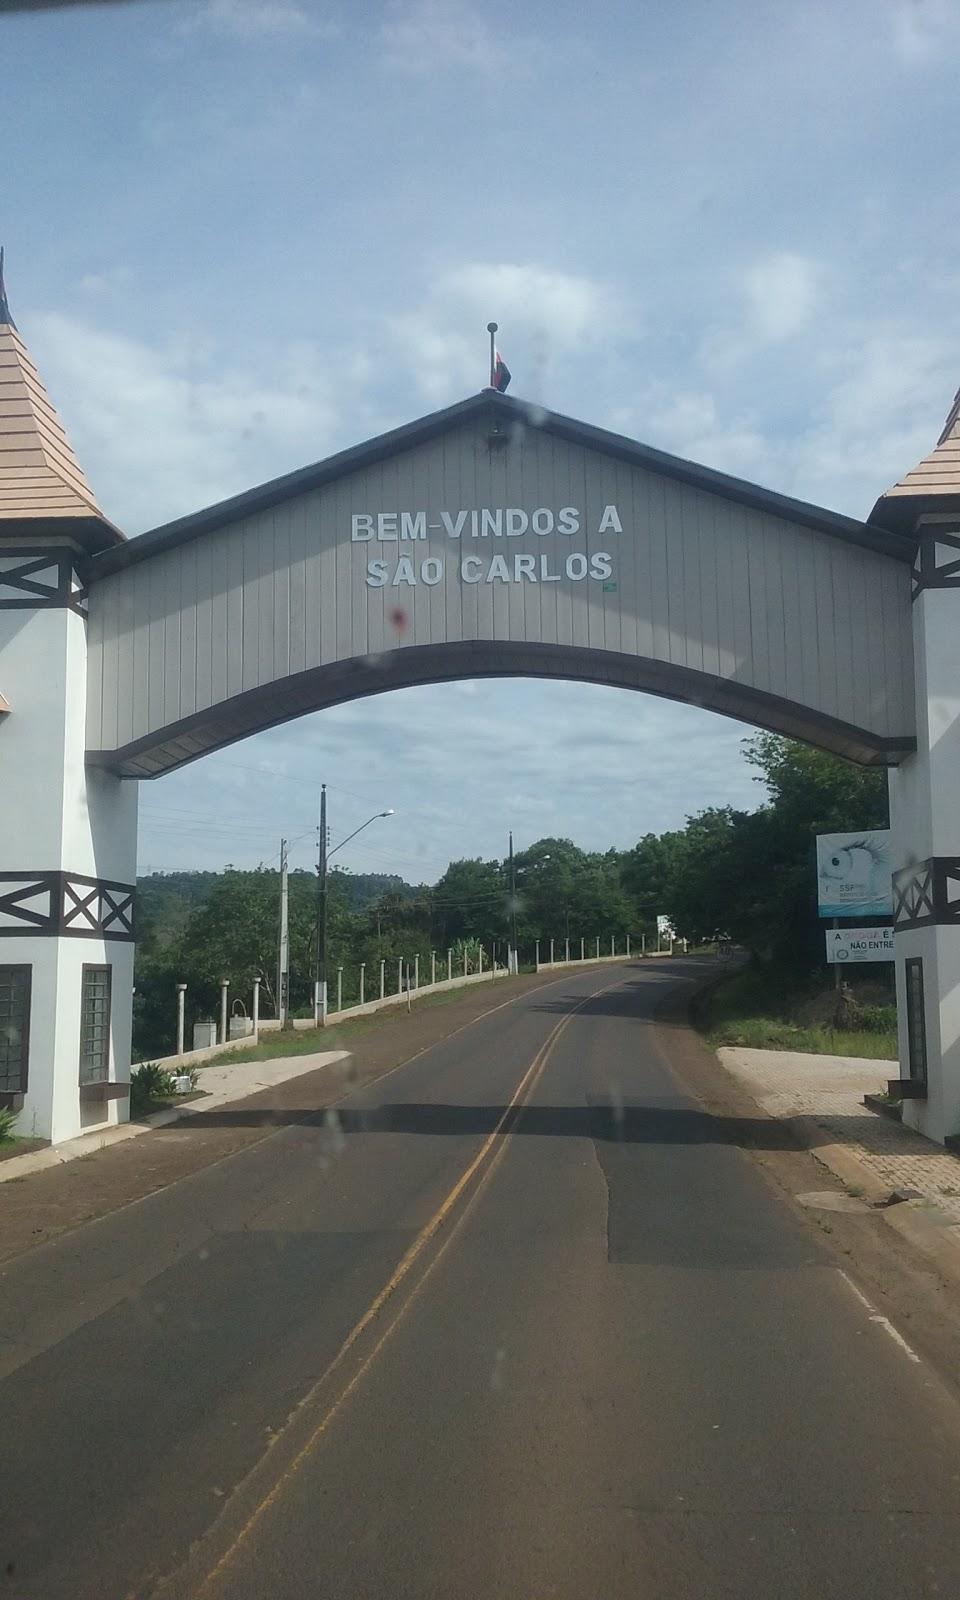 Sobradinho Rio Grande do Sul fonte: static.consolidesuamarca.com.br